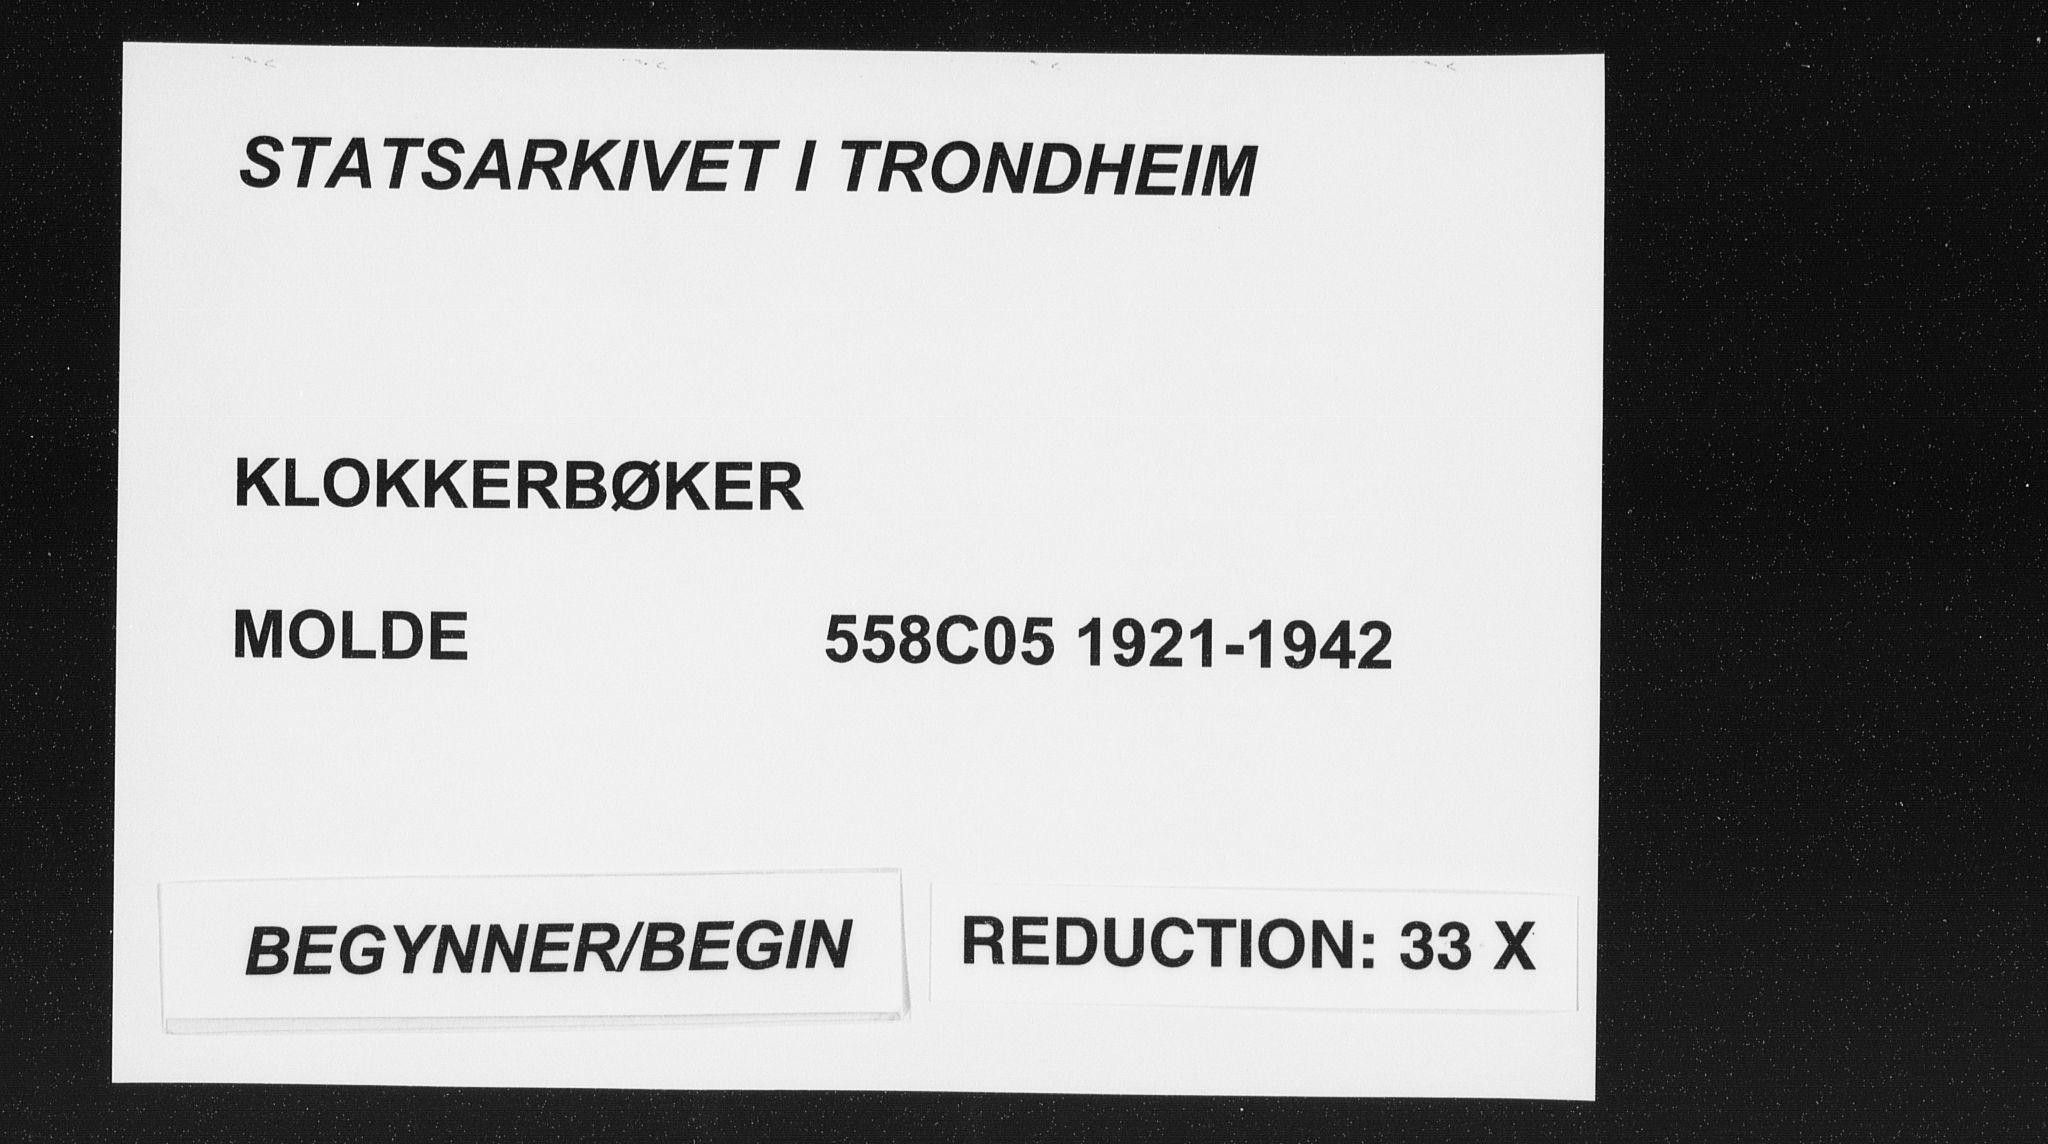 SAT, Ministerialprotokoller, klokkerbøker og fødselsregistre - Møre og Romsdal, 558/L0704: Klokkerbok nr. 558C05, 1921-1942